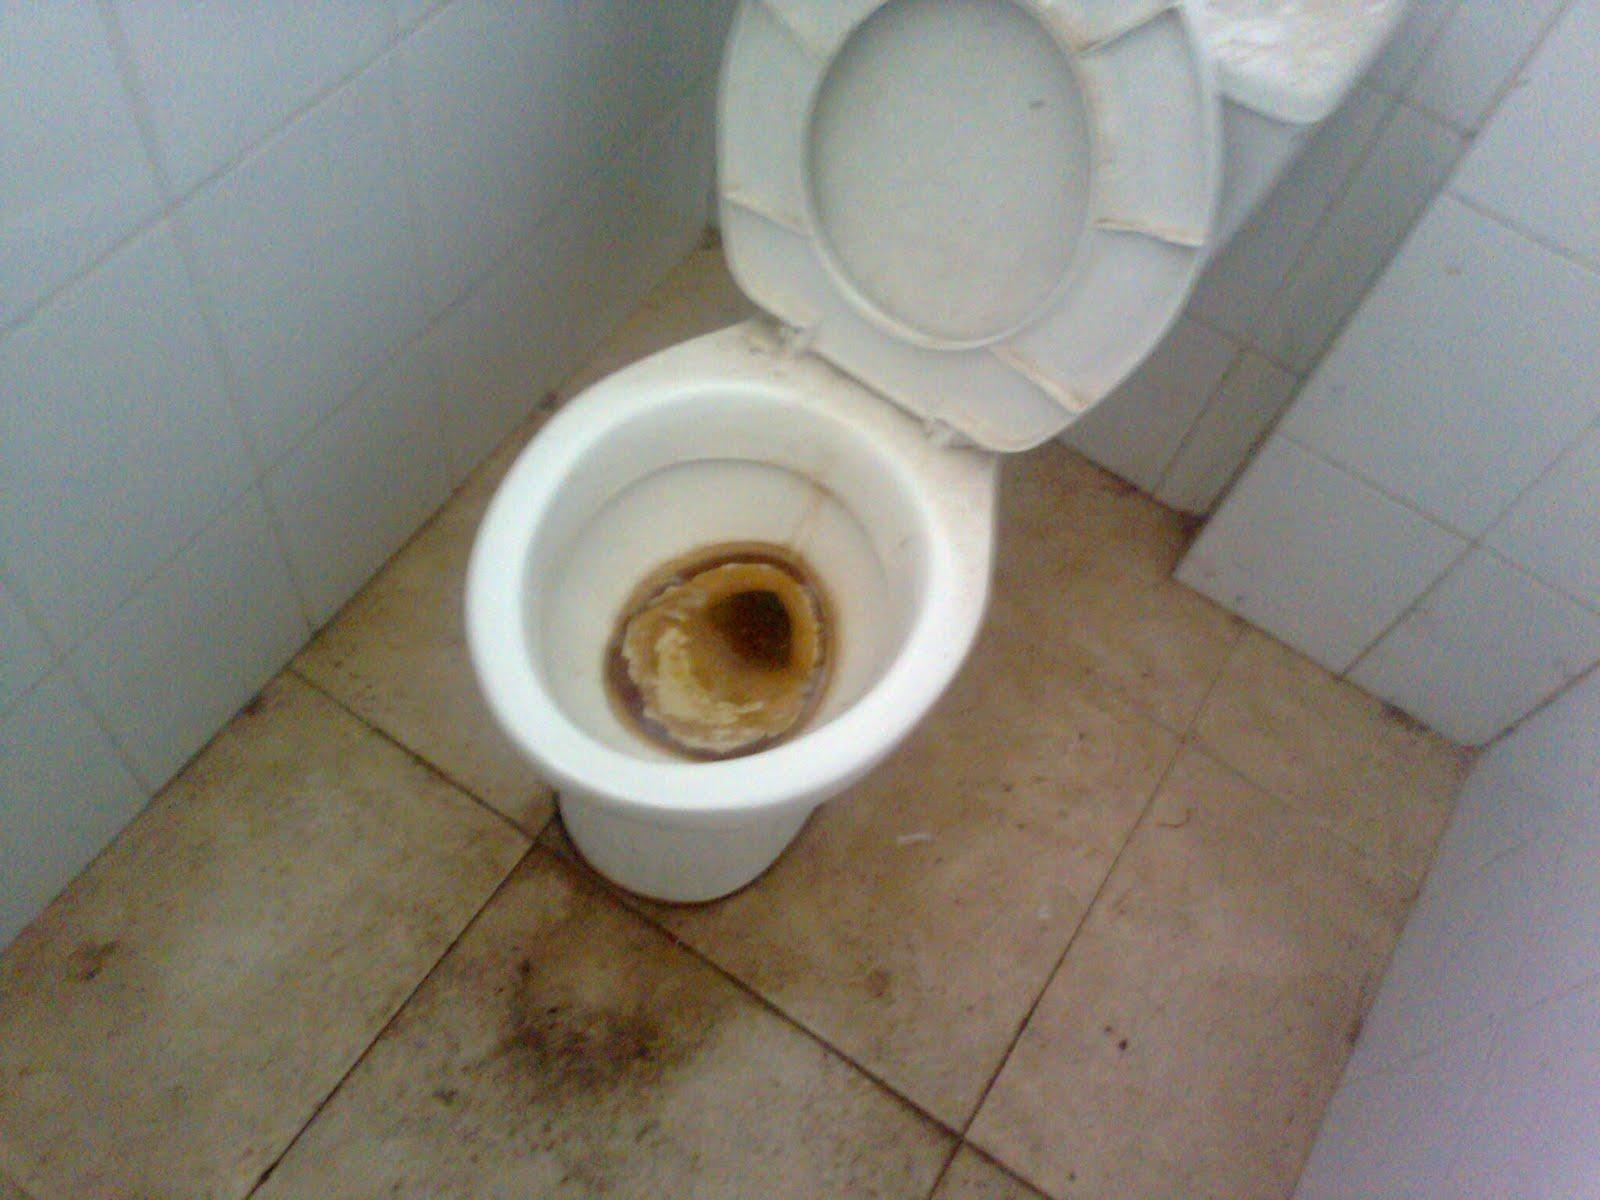 Puertas Para Baños Los Teques:de los baños en el área Bicentenaria: PROYECTO: DIAGNÓSTICO DE LOS